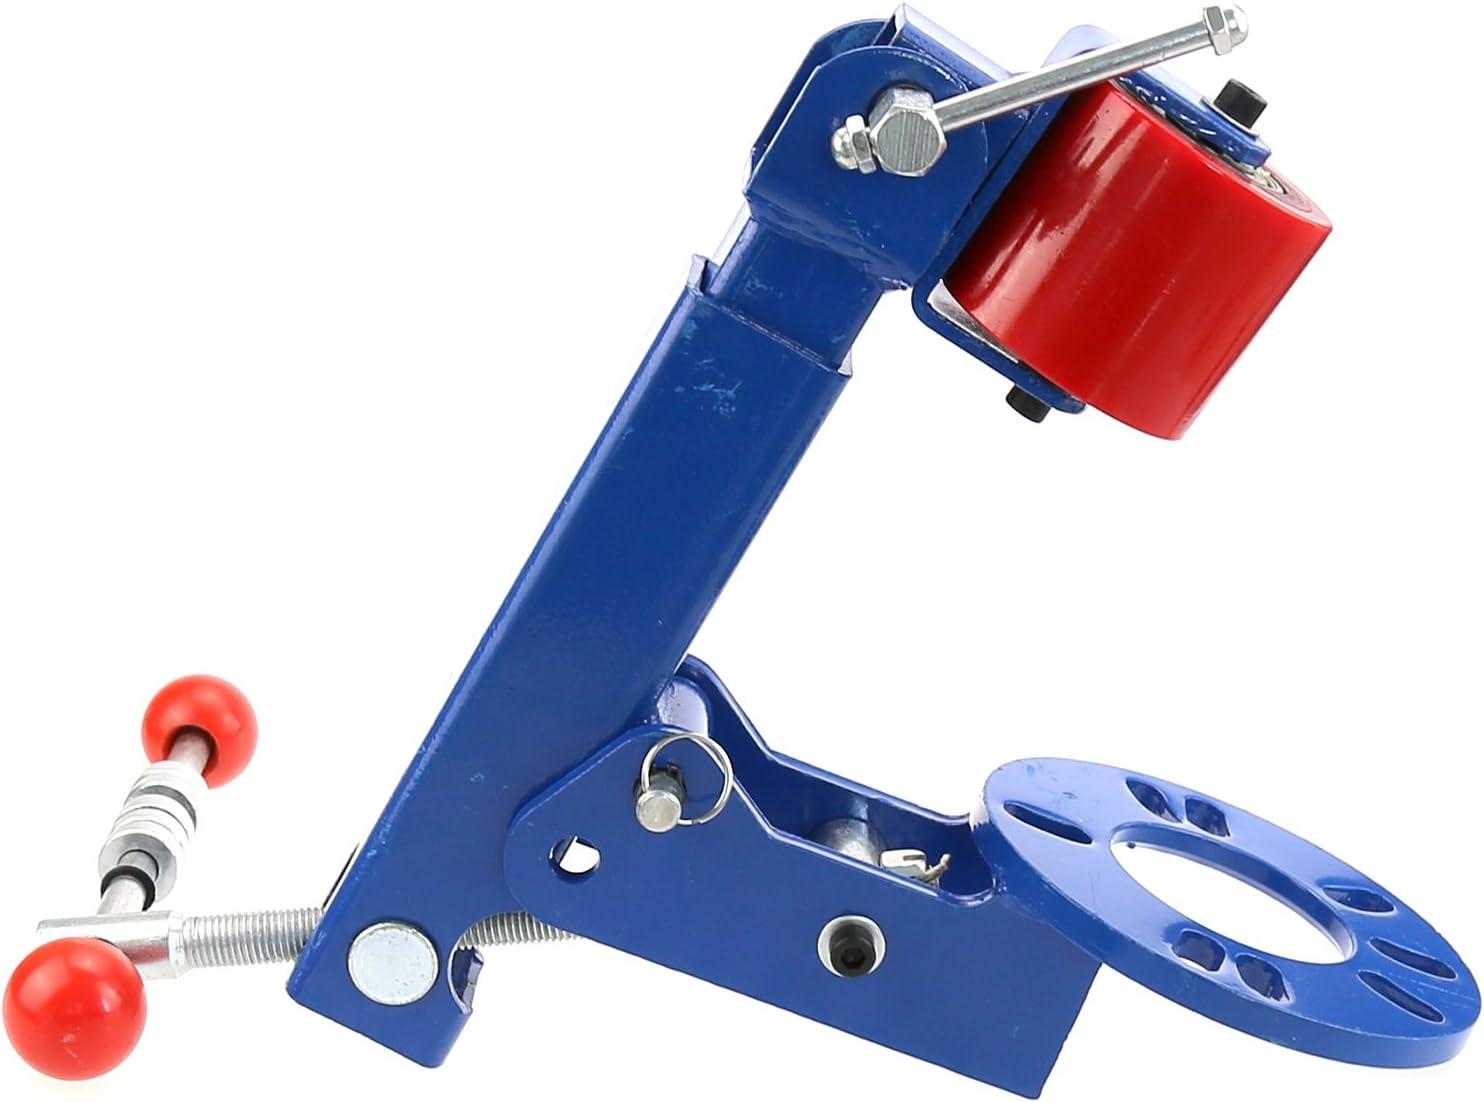 veh/ículos Pesados YJIIJY Herramienta para Reparar Guardabarros Fender Rodillo para Coches con Anillos de Distancia Herramienta de reparaci/ón de Accesorios